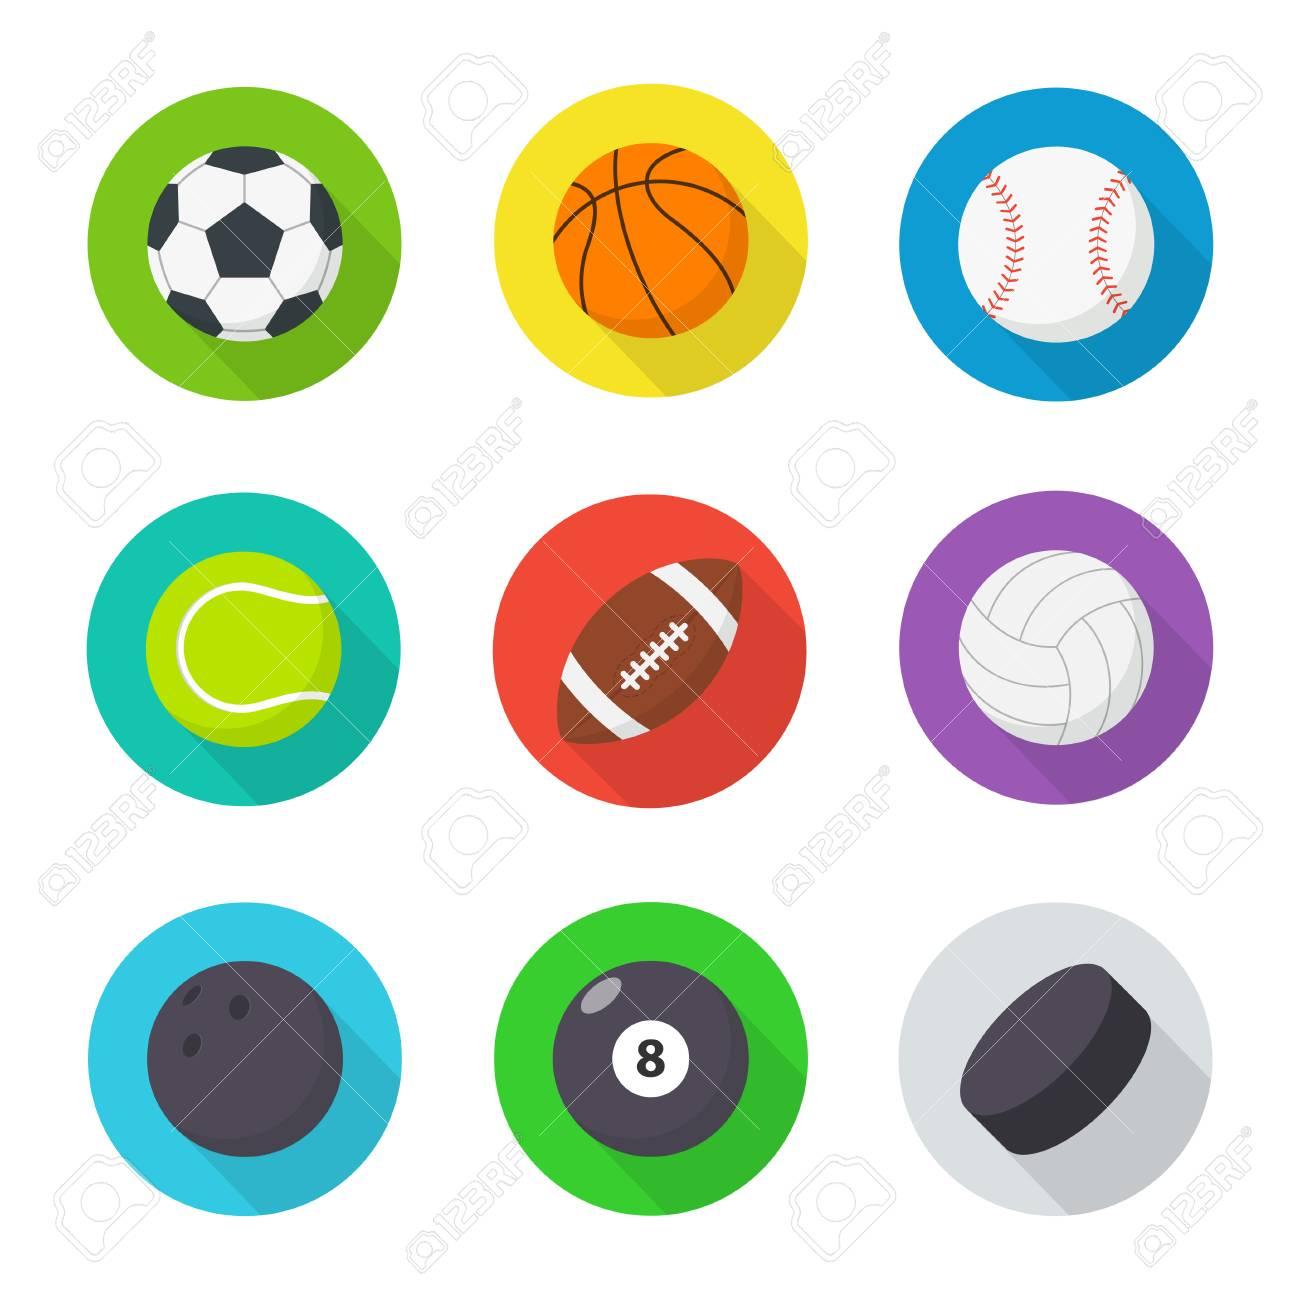 be8215de943 Set de pelotas de deporte. Plano, bolas de dibujos animados para jugar  fútbol,